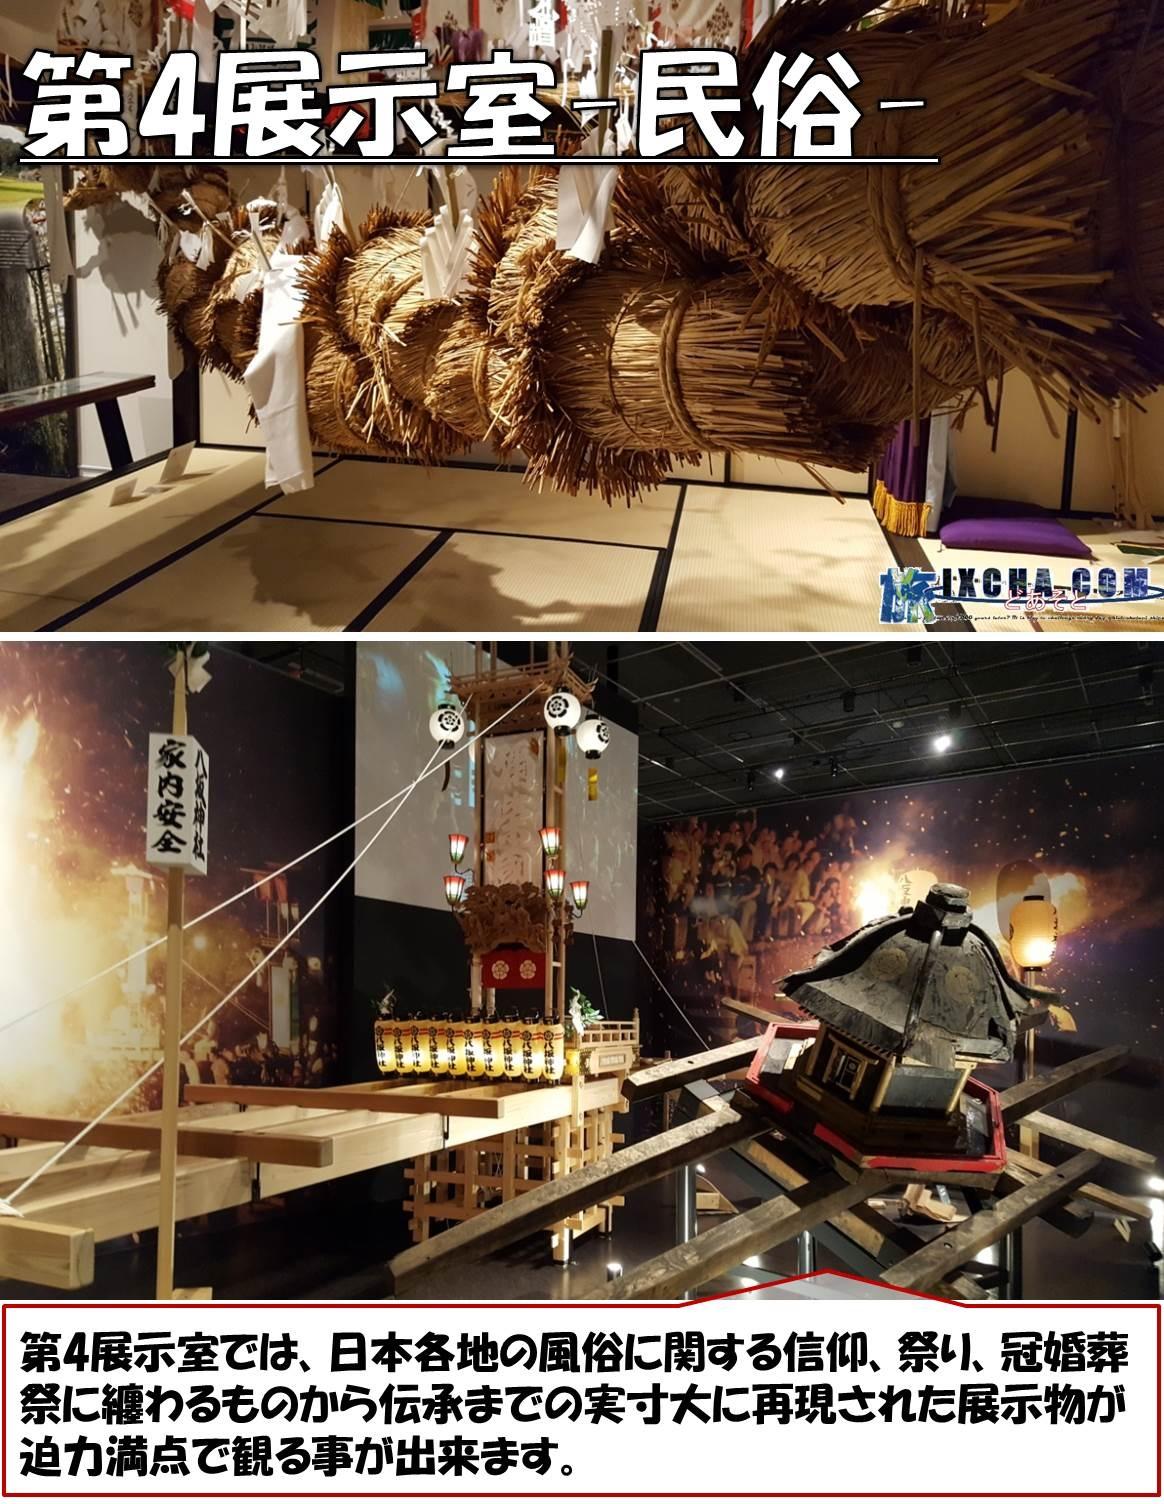 第4展示室-民俗- 第4展示室では、日本各地の風俗に関する信仰、祭り、冠婚葬祭に纏わるものから伝承までの実寸大に再現された展示物が迫力満点で観る事が出来ます。